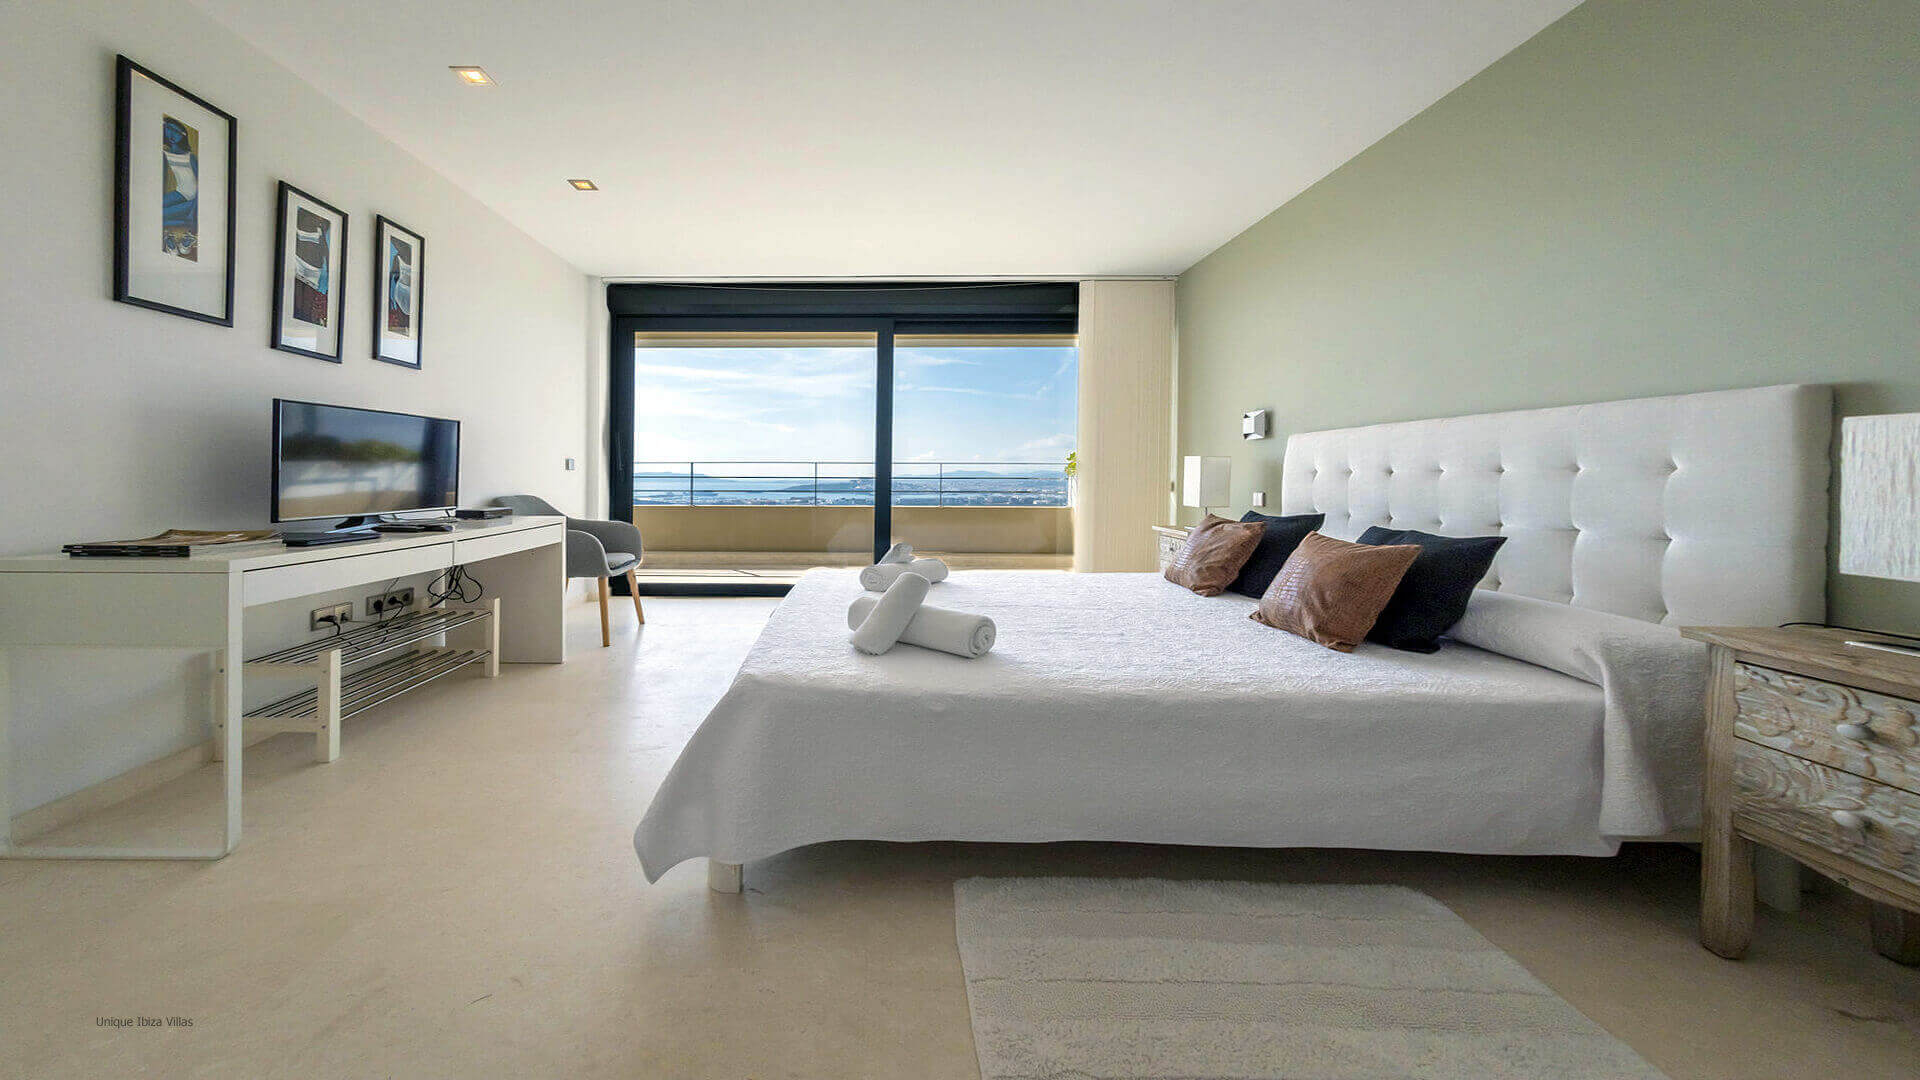 Villa Can Miguel Simo Ibiza 46 Bedroom 4